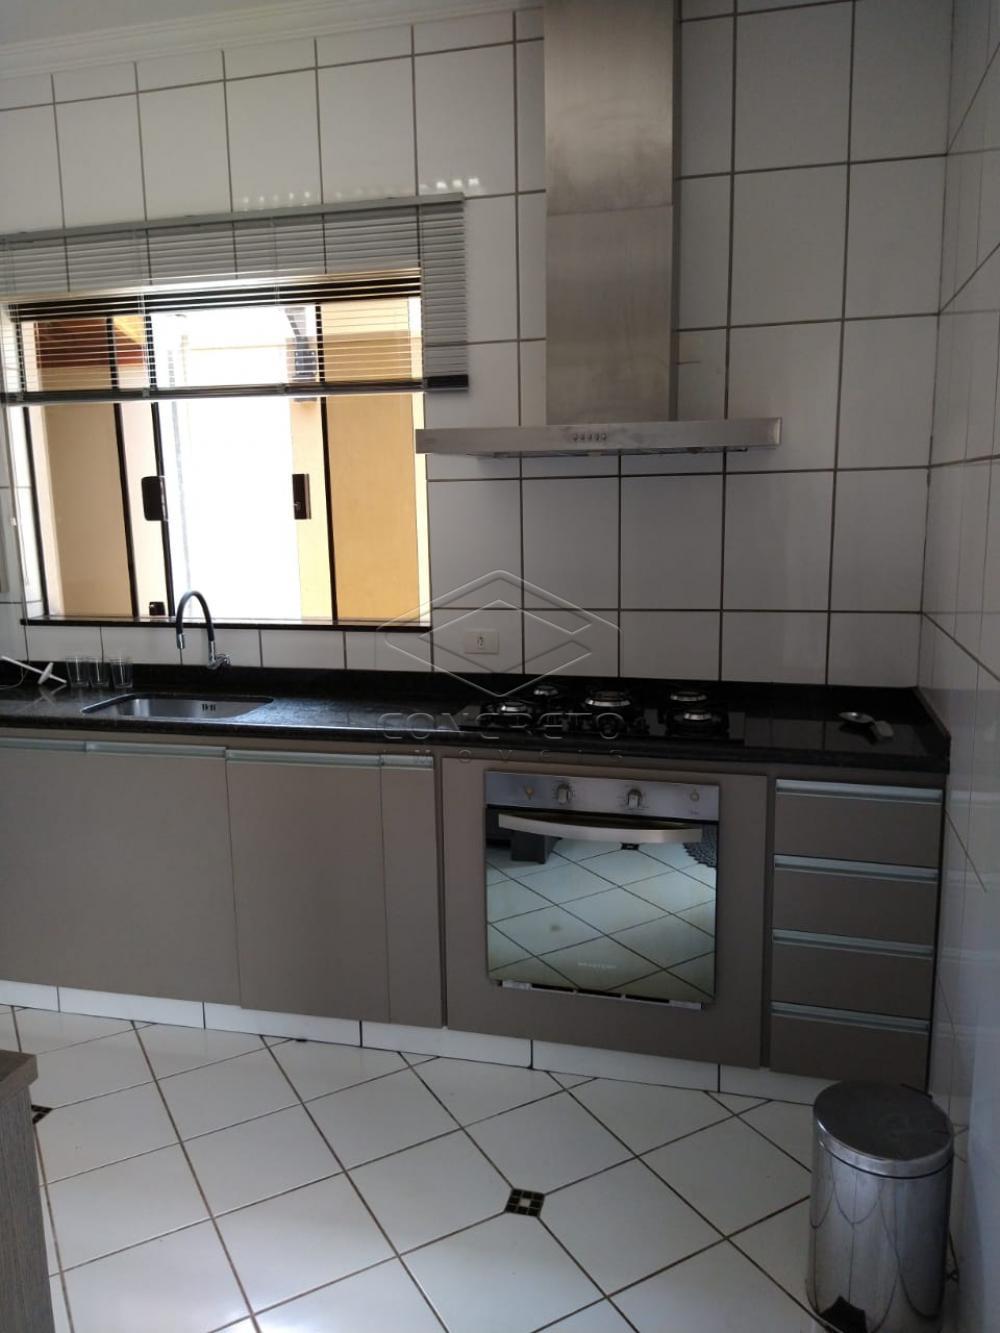 Alugar Casa / Residencia em Lençóis Paulista apenas R$ 4.000,00 - Foto 18